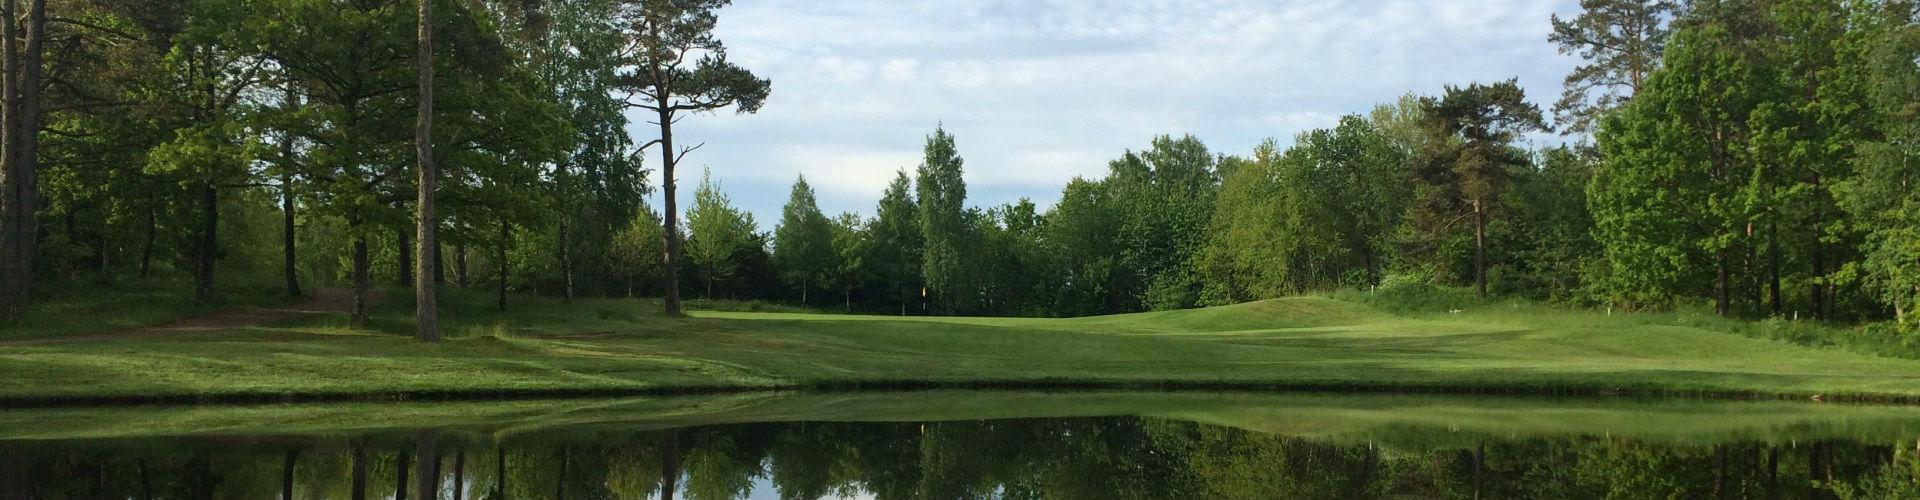 Golfpaket Västra Sverige - golfpaket.se